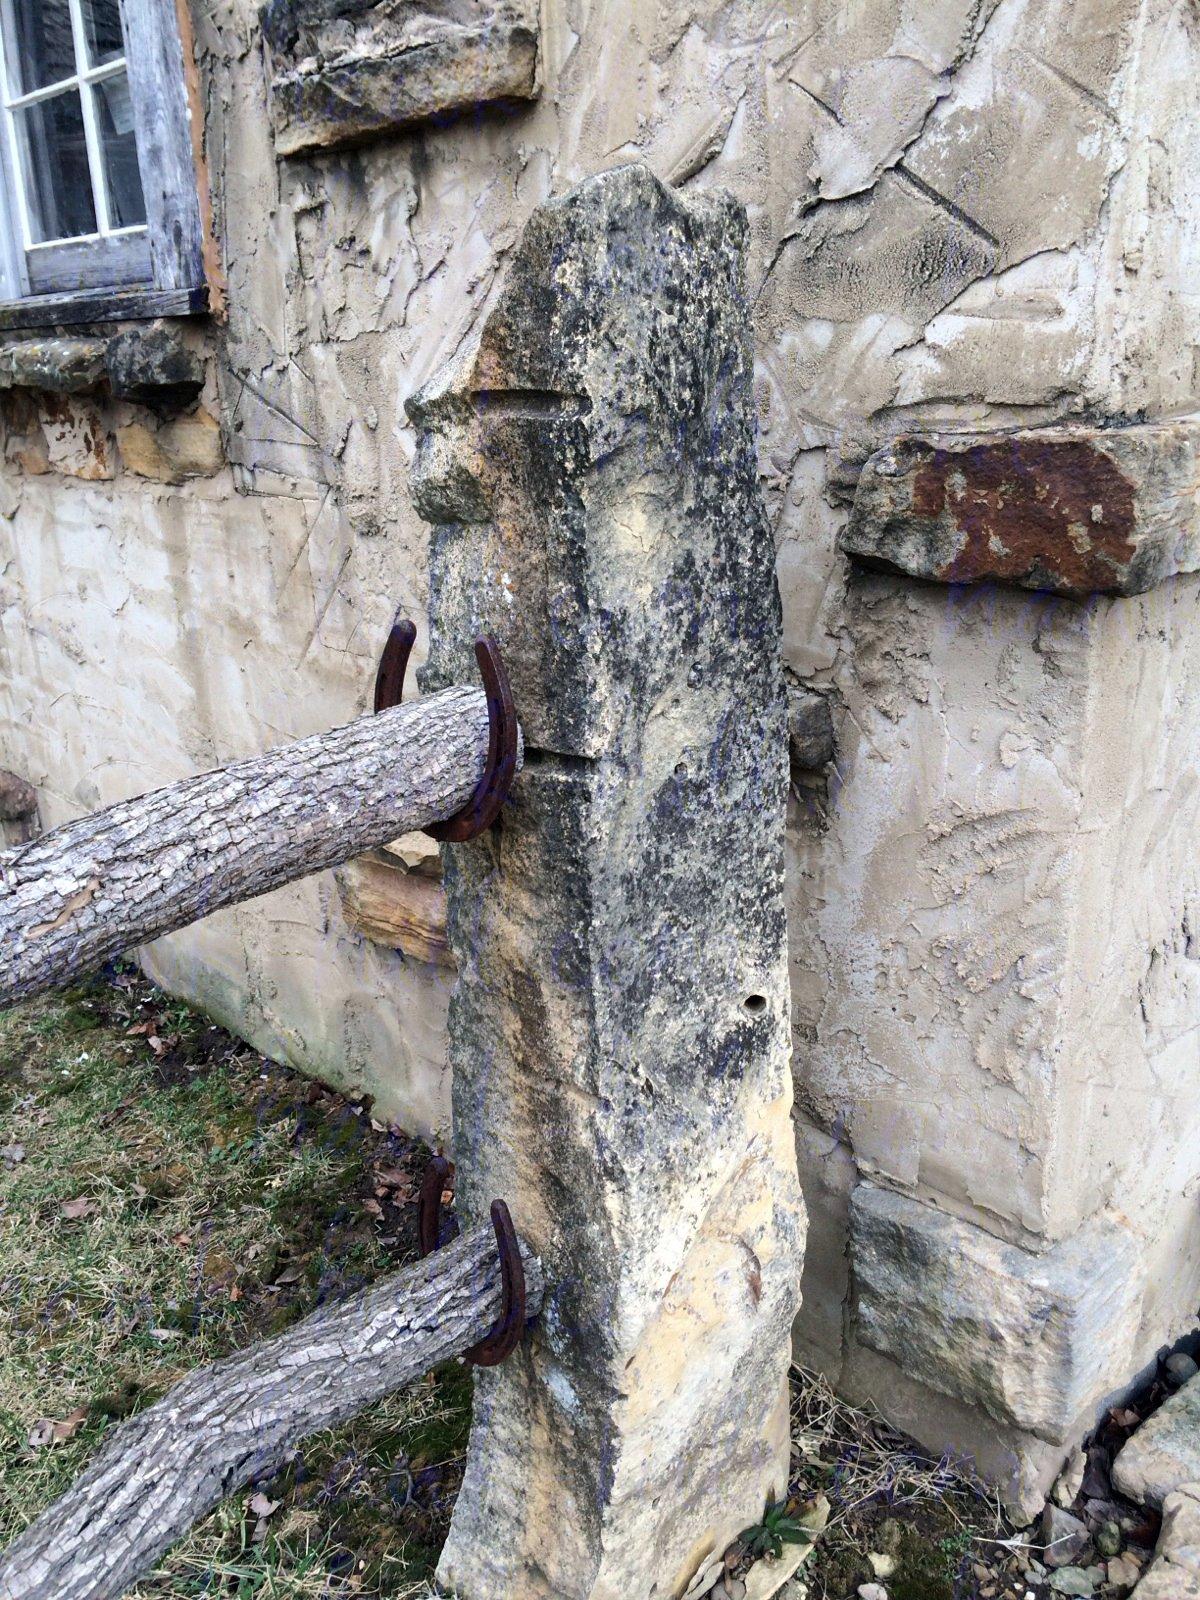 Stone fence post with horseshoe rail bracket.